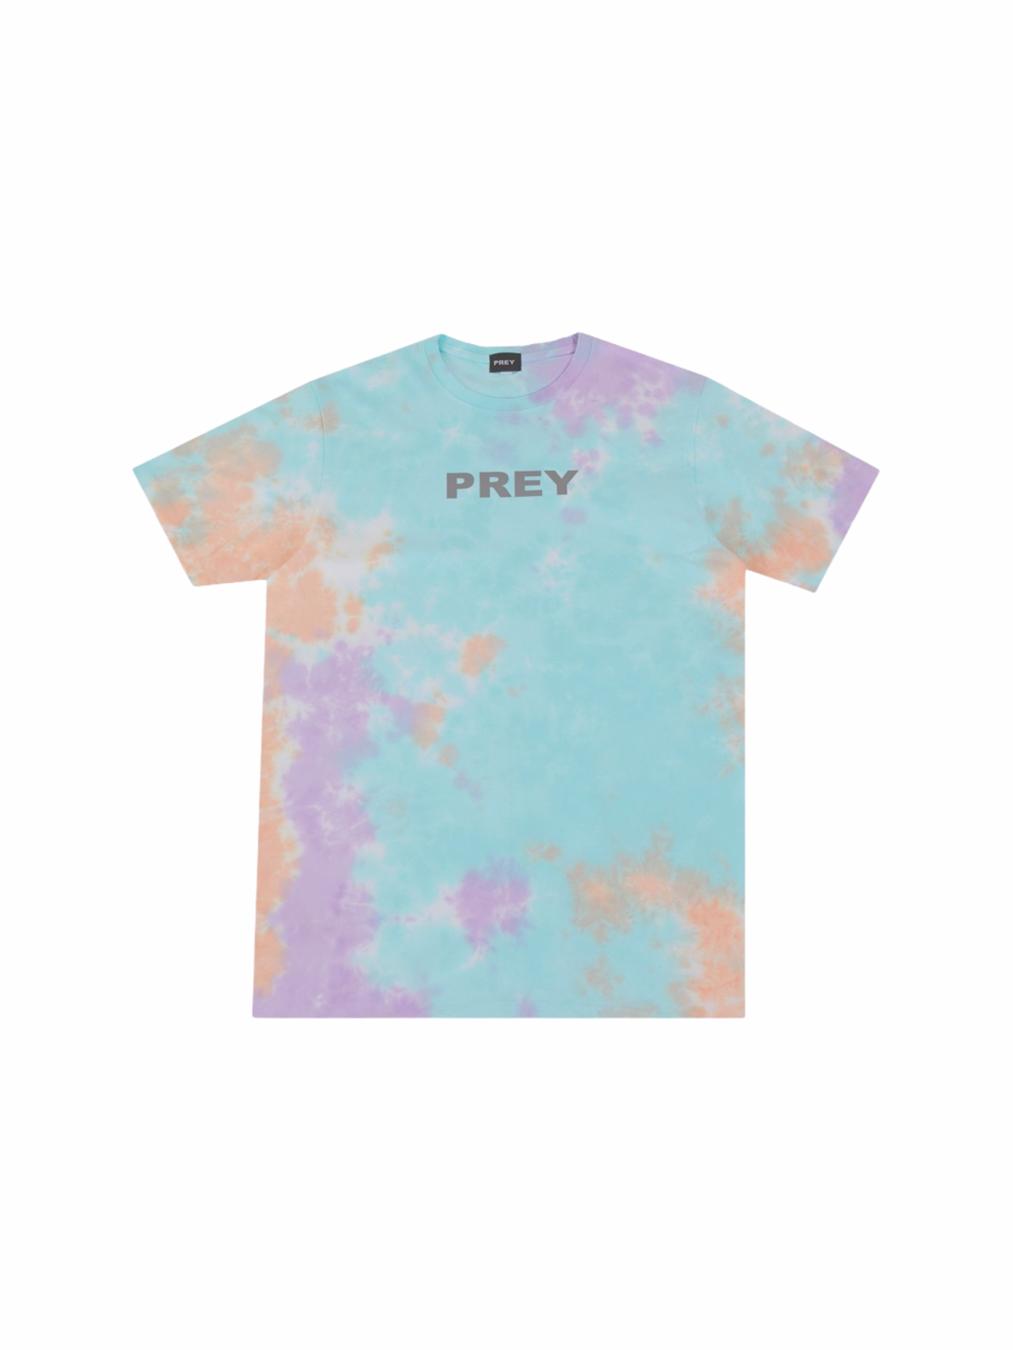 Prey Tiedye (Cotton Candy)